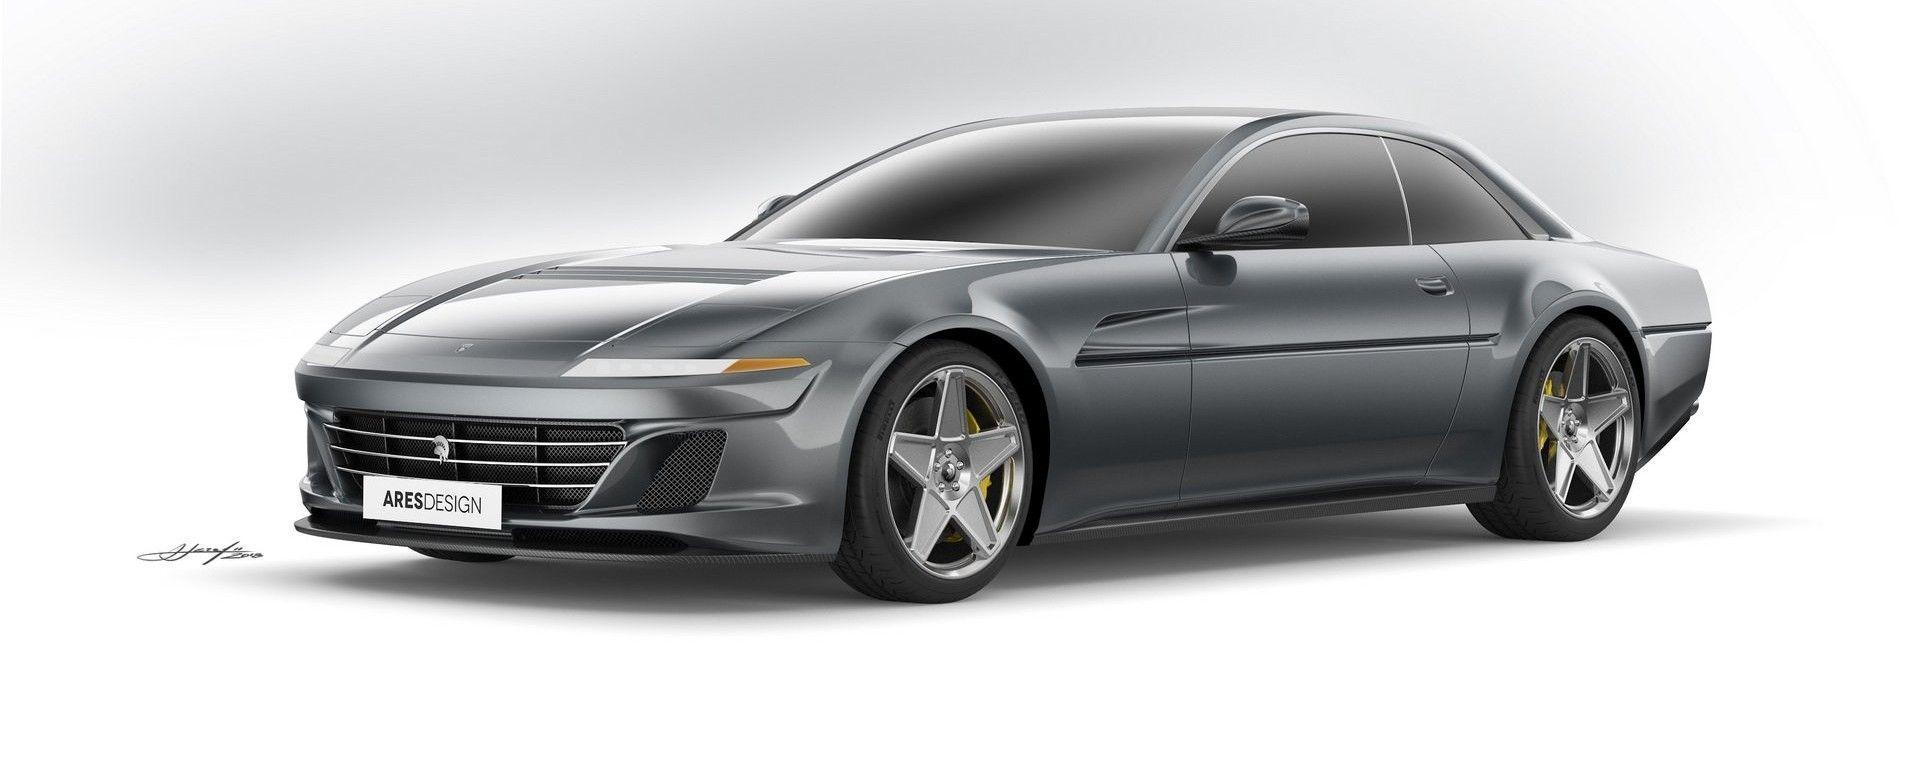 Ferrari GTC4Lusso: Ares Design la trasforma in una moderna 412